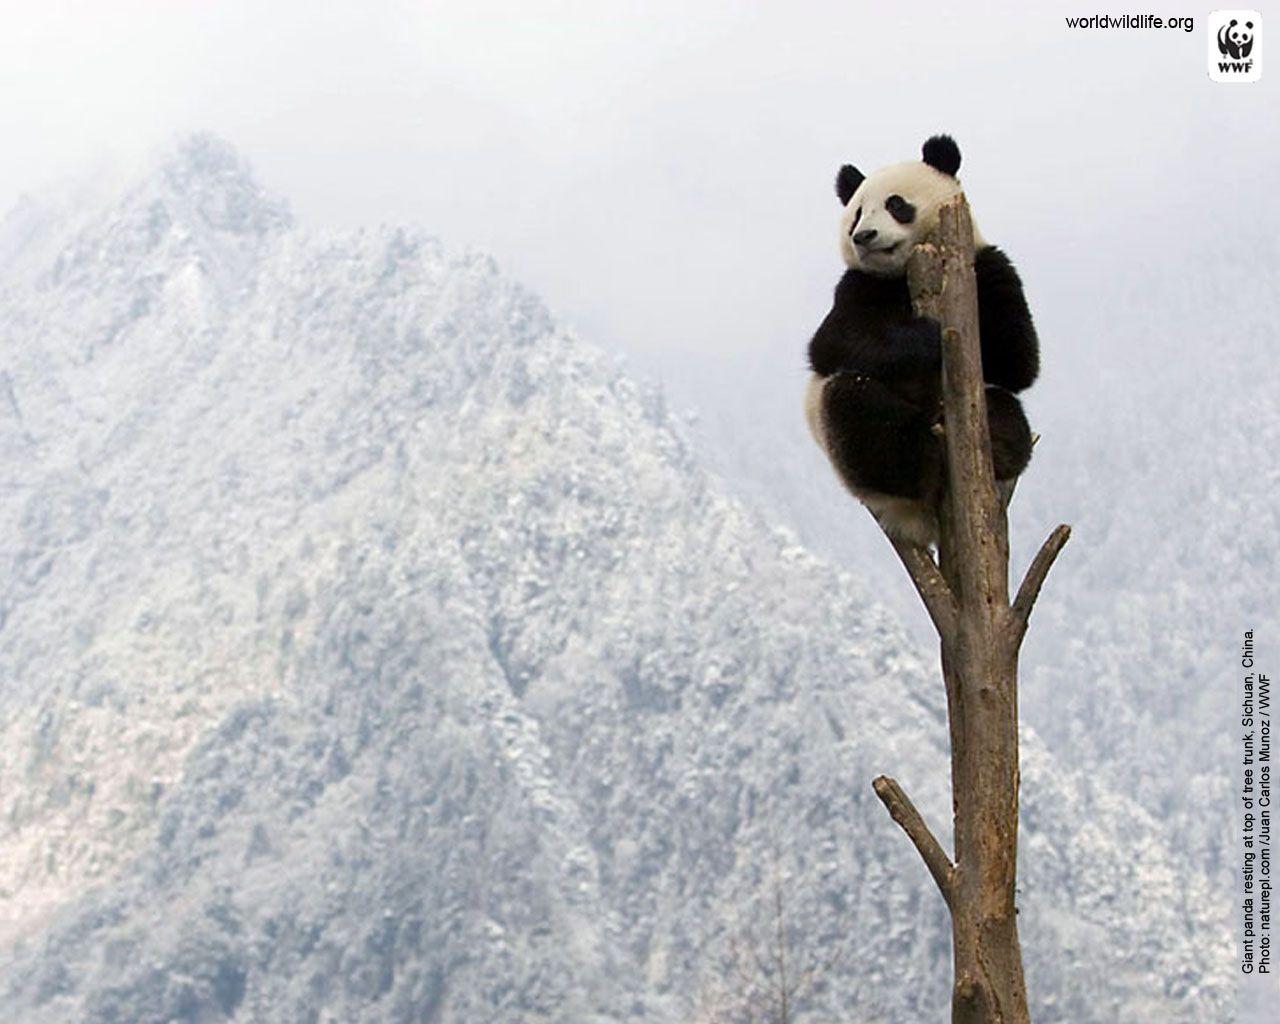 Panda Wallpaper Wwf Wildlife Wallpaper Wwf Panda Panda Wallpapers